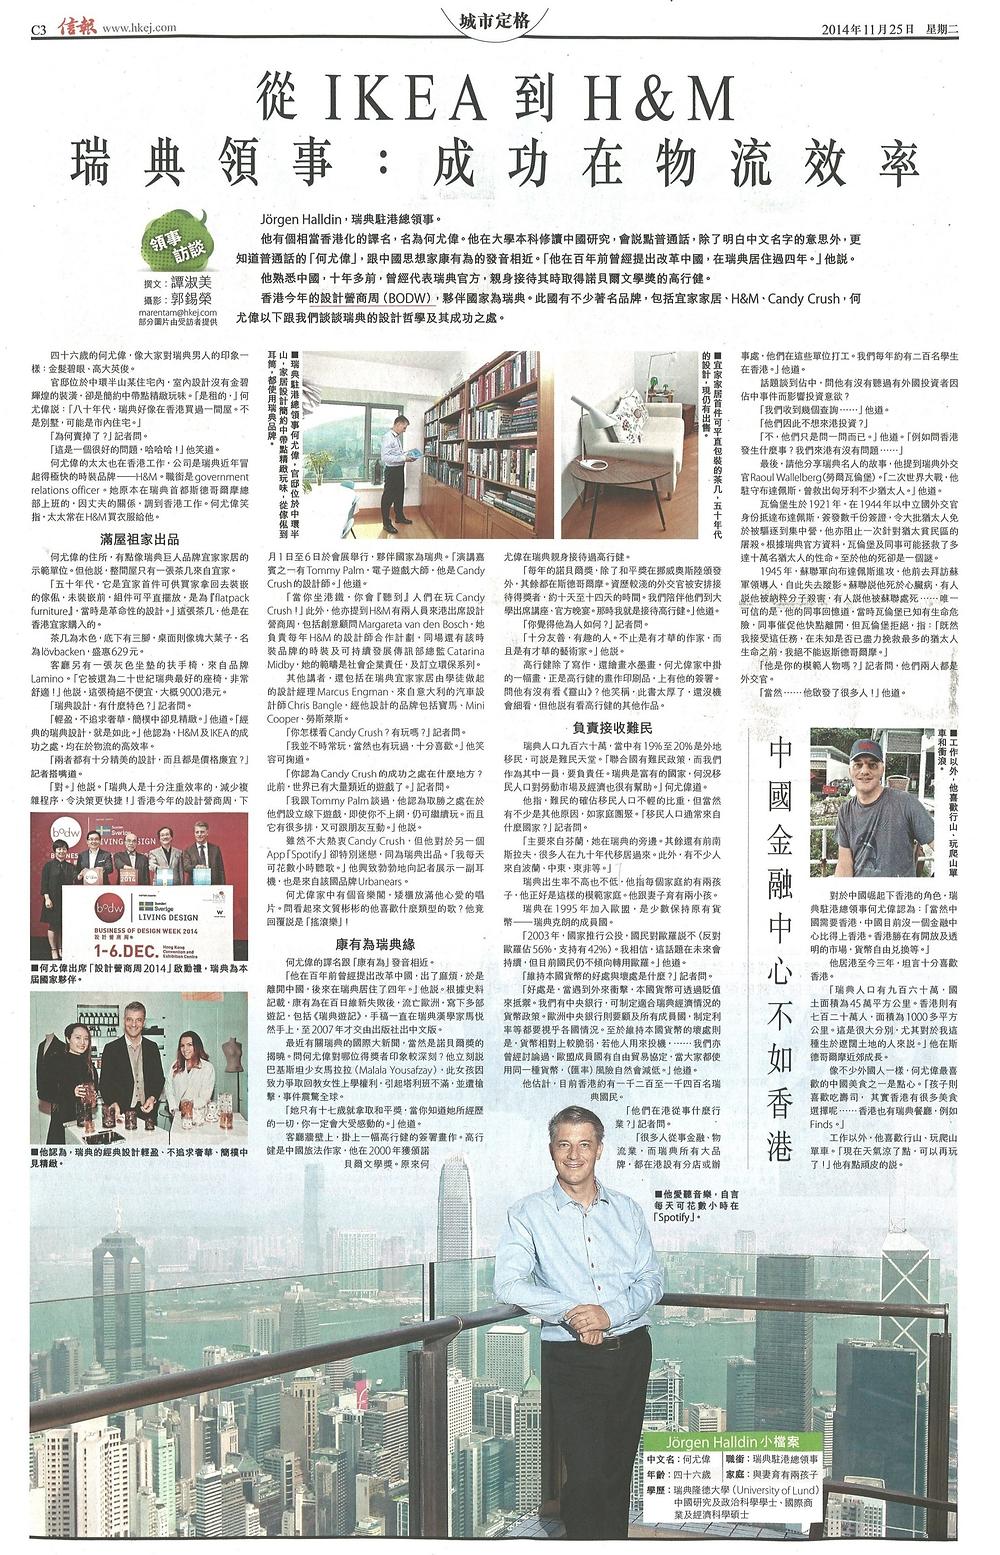 2014-11-25_BODW2014_HK-Economic-Journal_P.C3.png